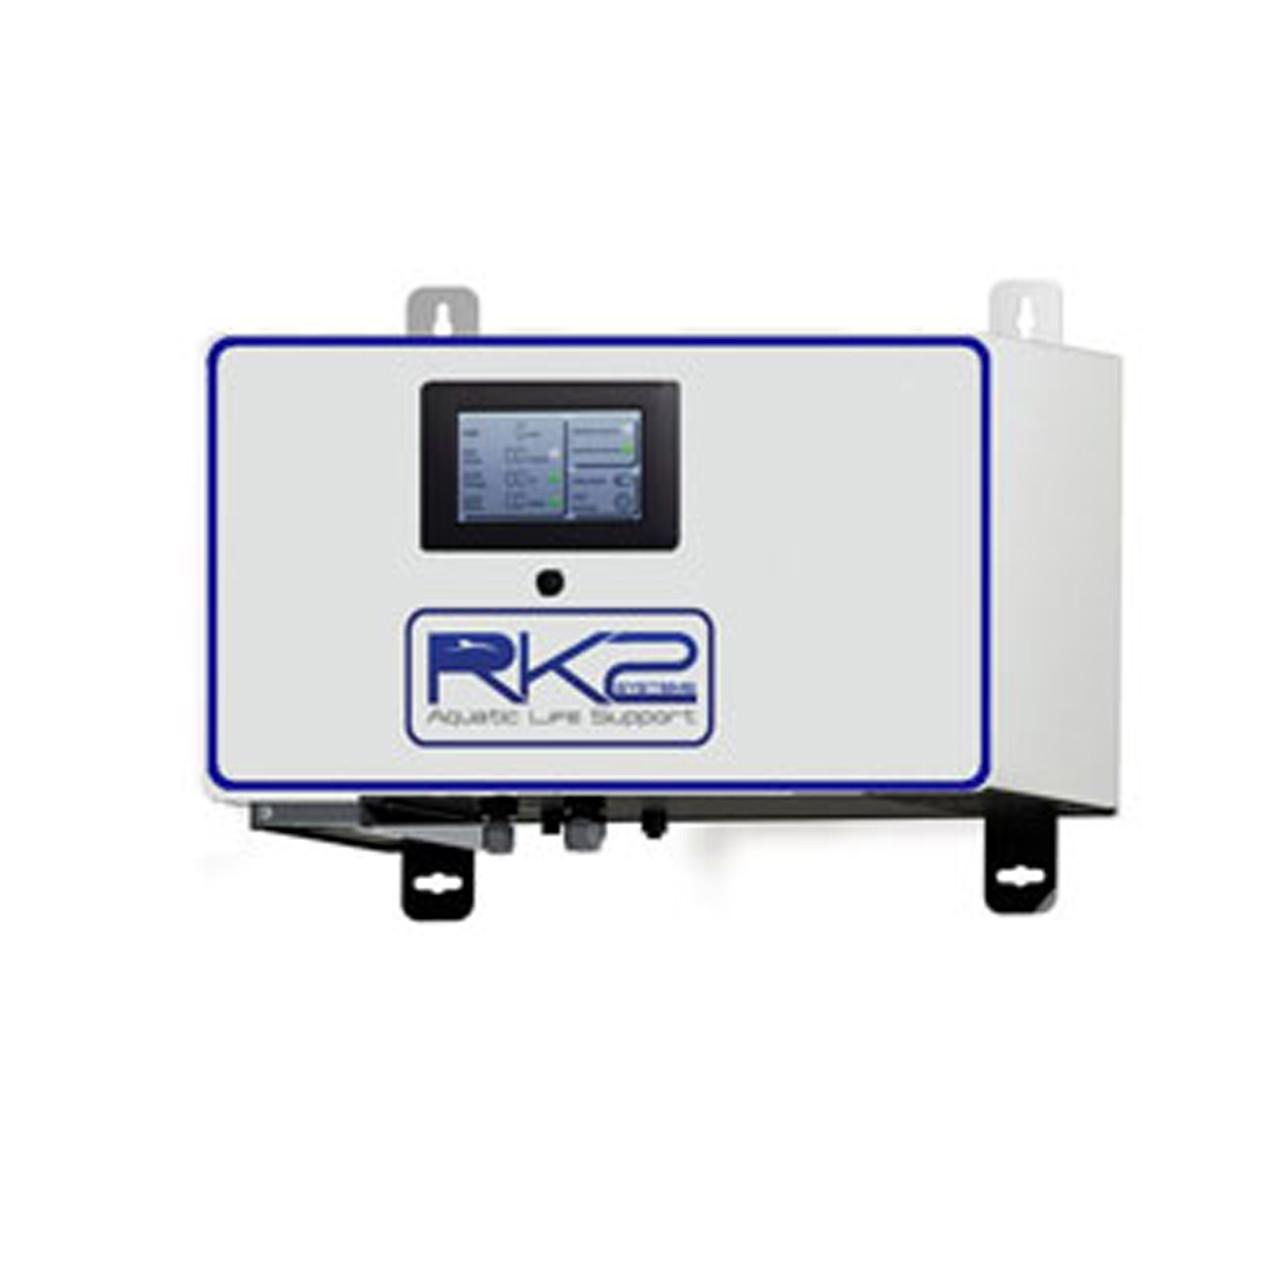 Fraccionador de proteinas por plasma de bajo mantenimiento Skimmer de RK2 (FIL-9000-EQU)